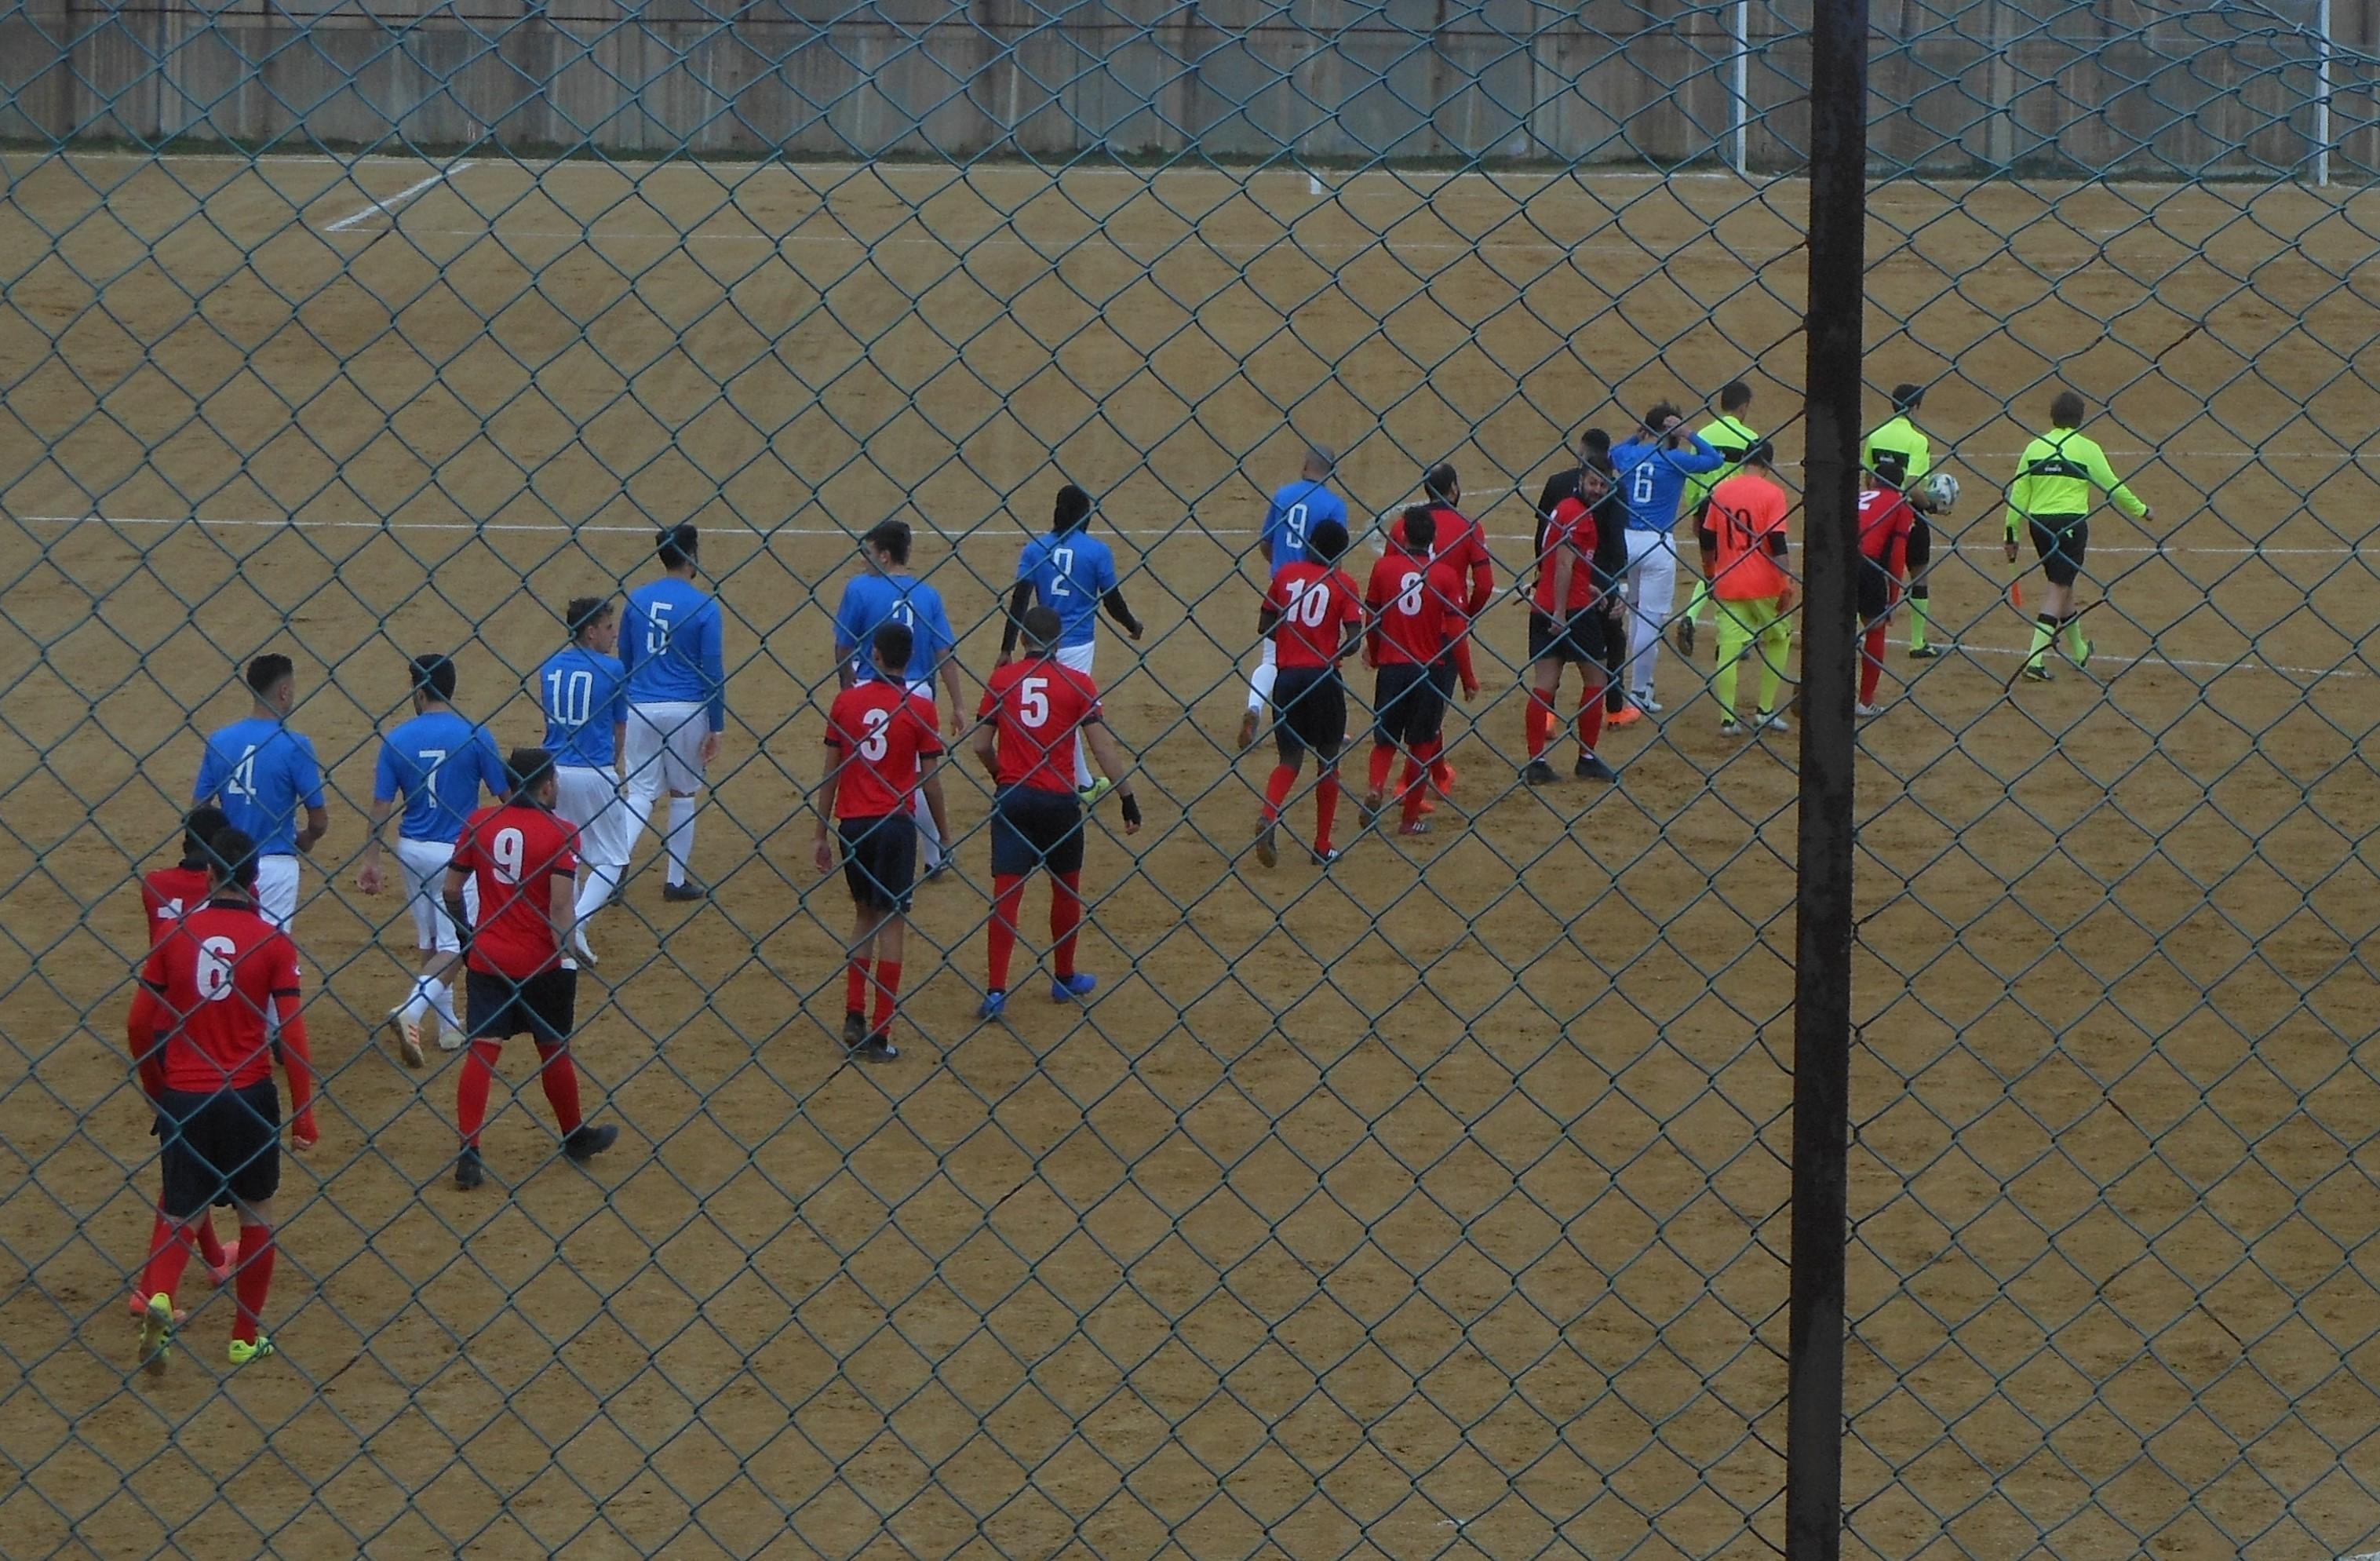 Calcio, Promozione: Modica in emergenza ottiene solo un punto a Licodia Eubea